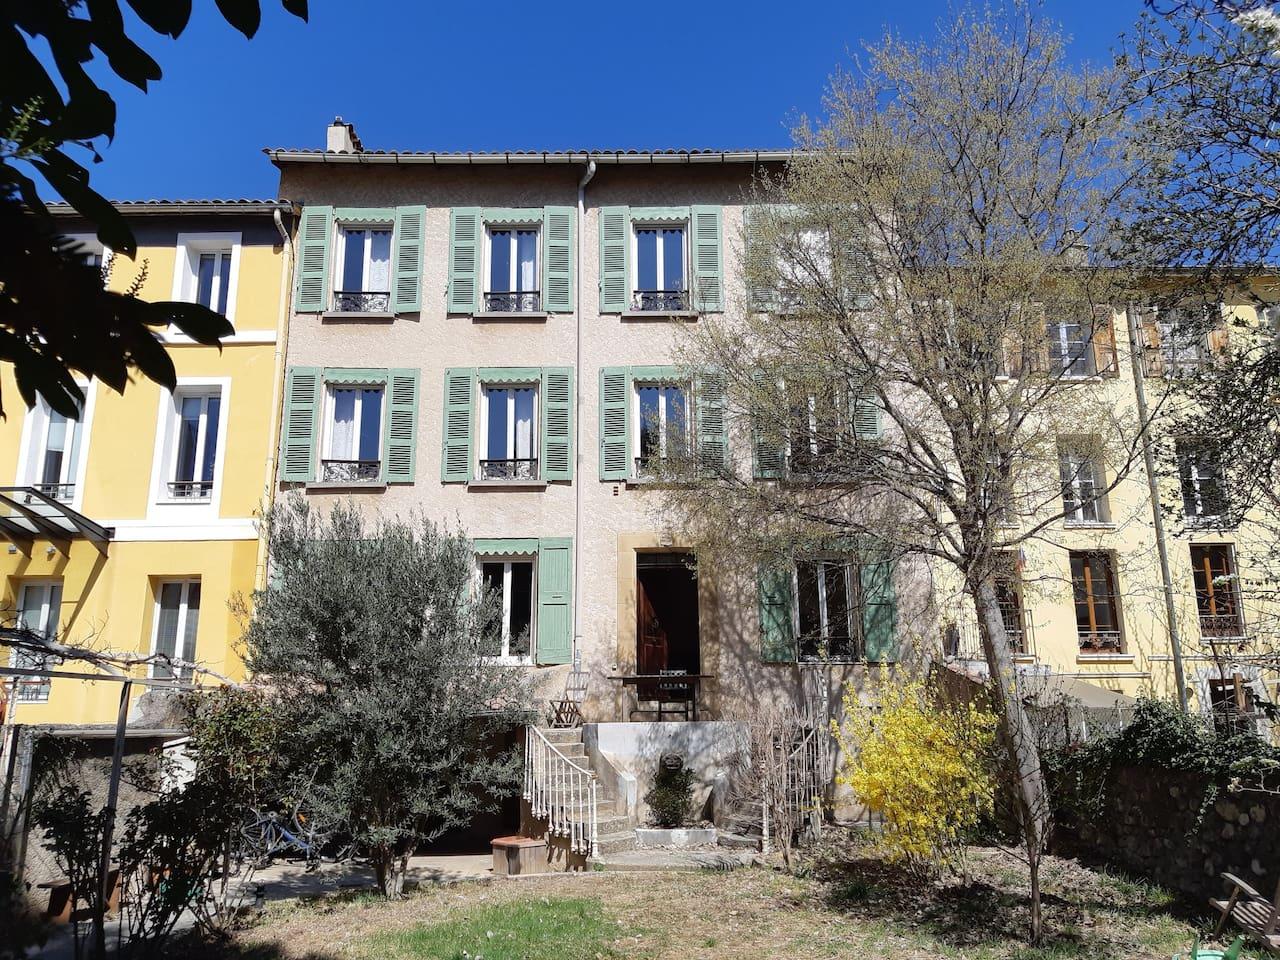 La maison, sous le soleil provençal